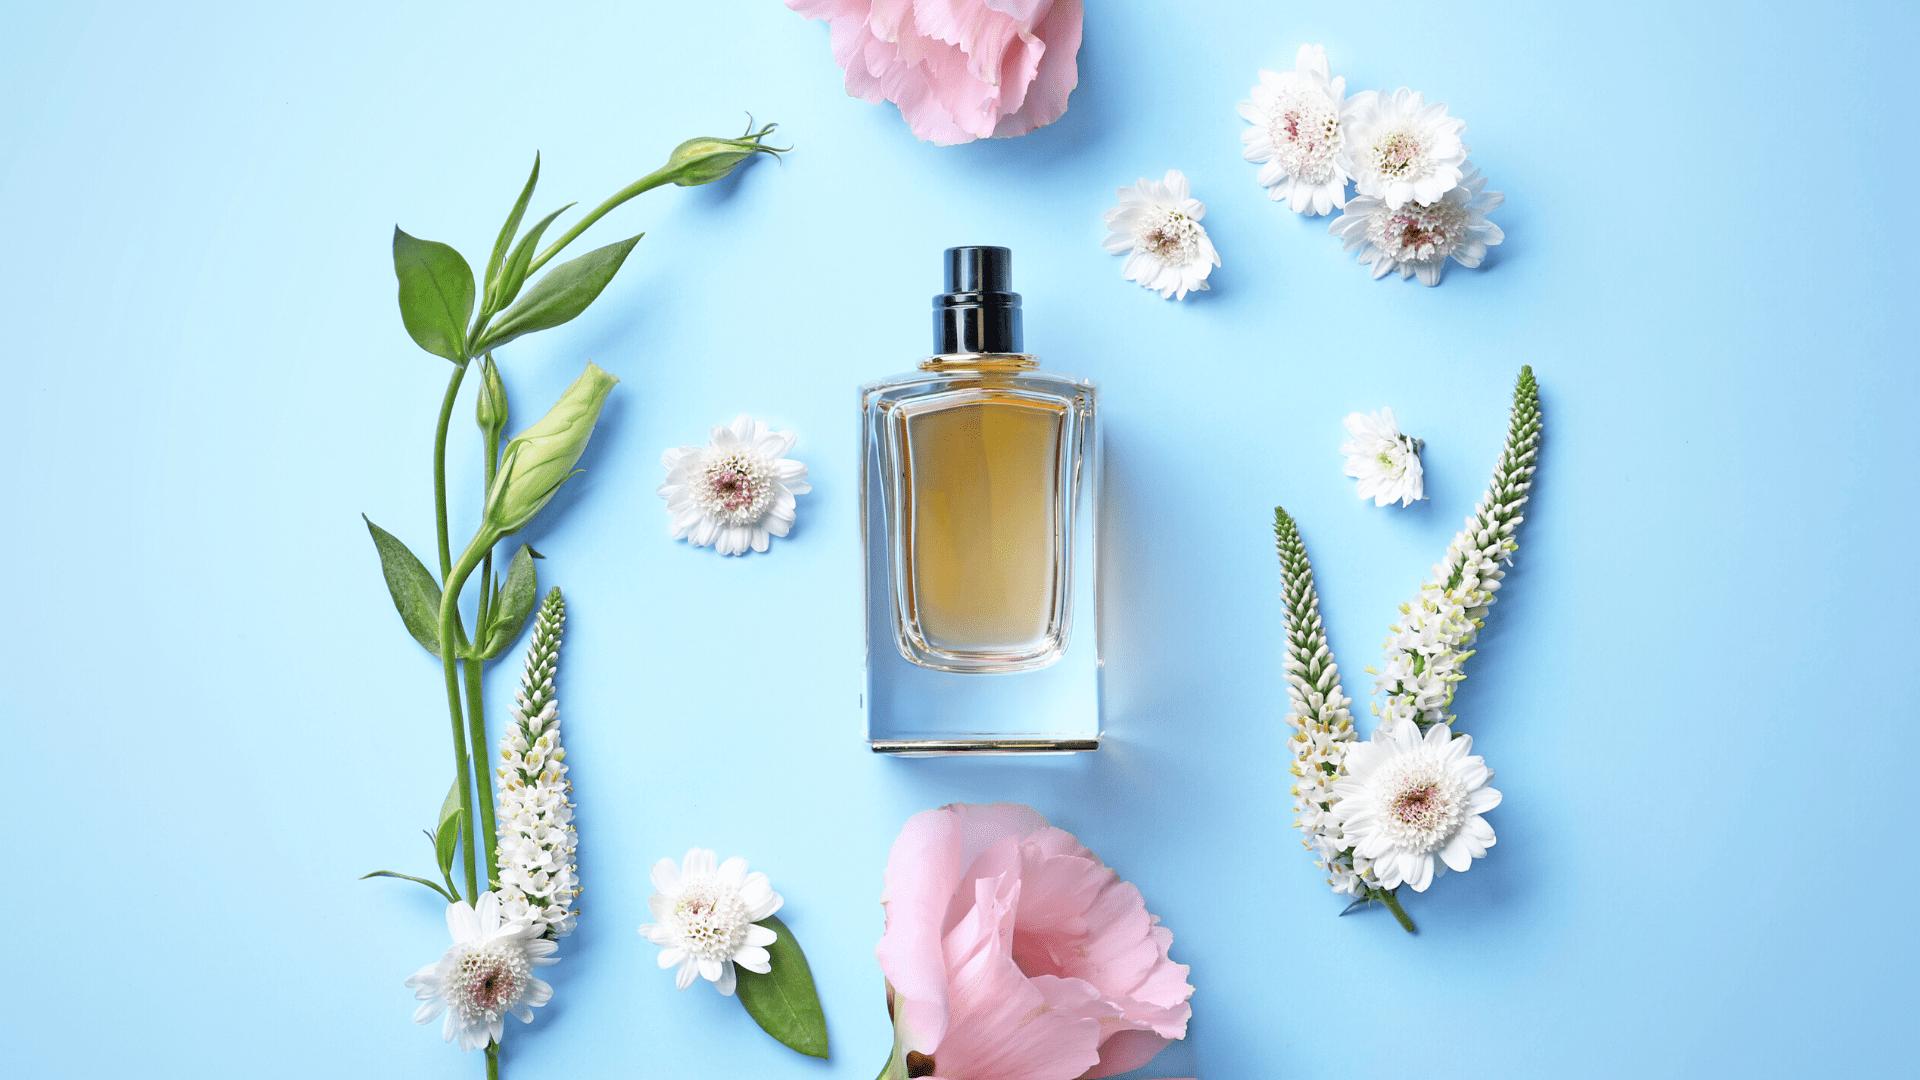 Confira a nossa seleção dos melhores perfumes femininos de 2021! (Imagem: Reprodução/Shutterstock)